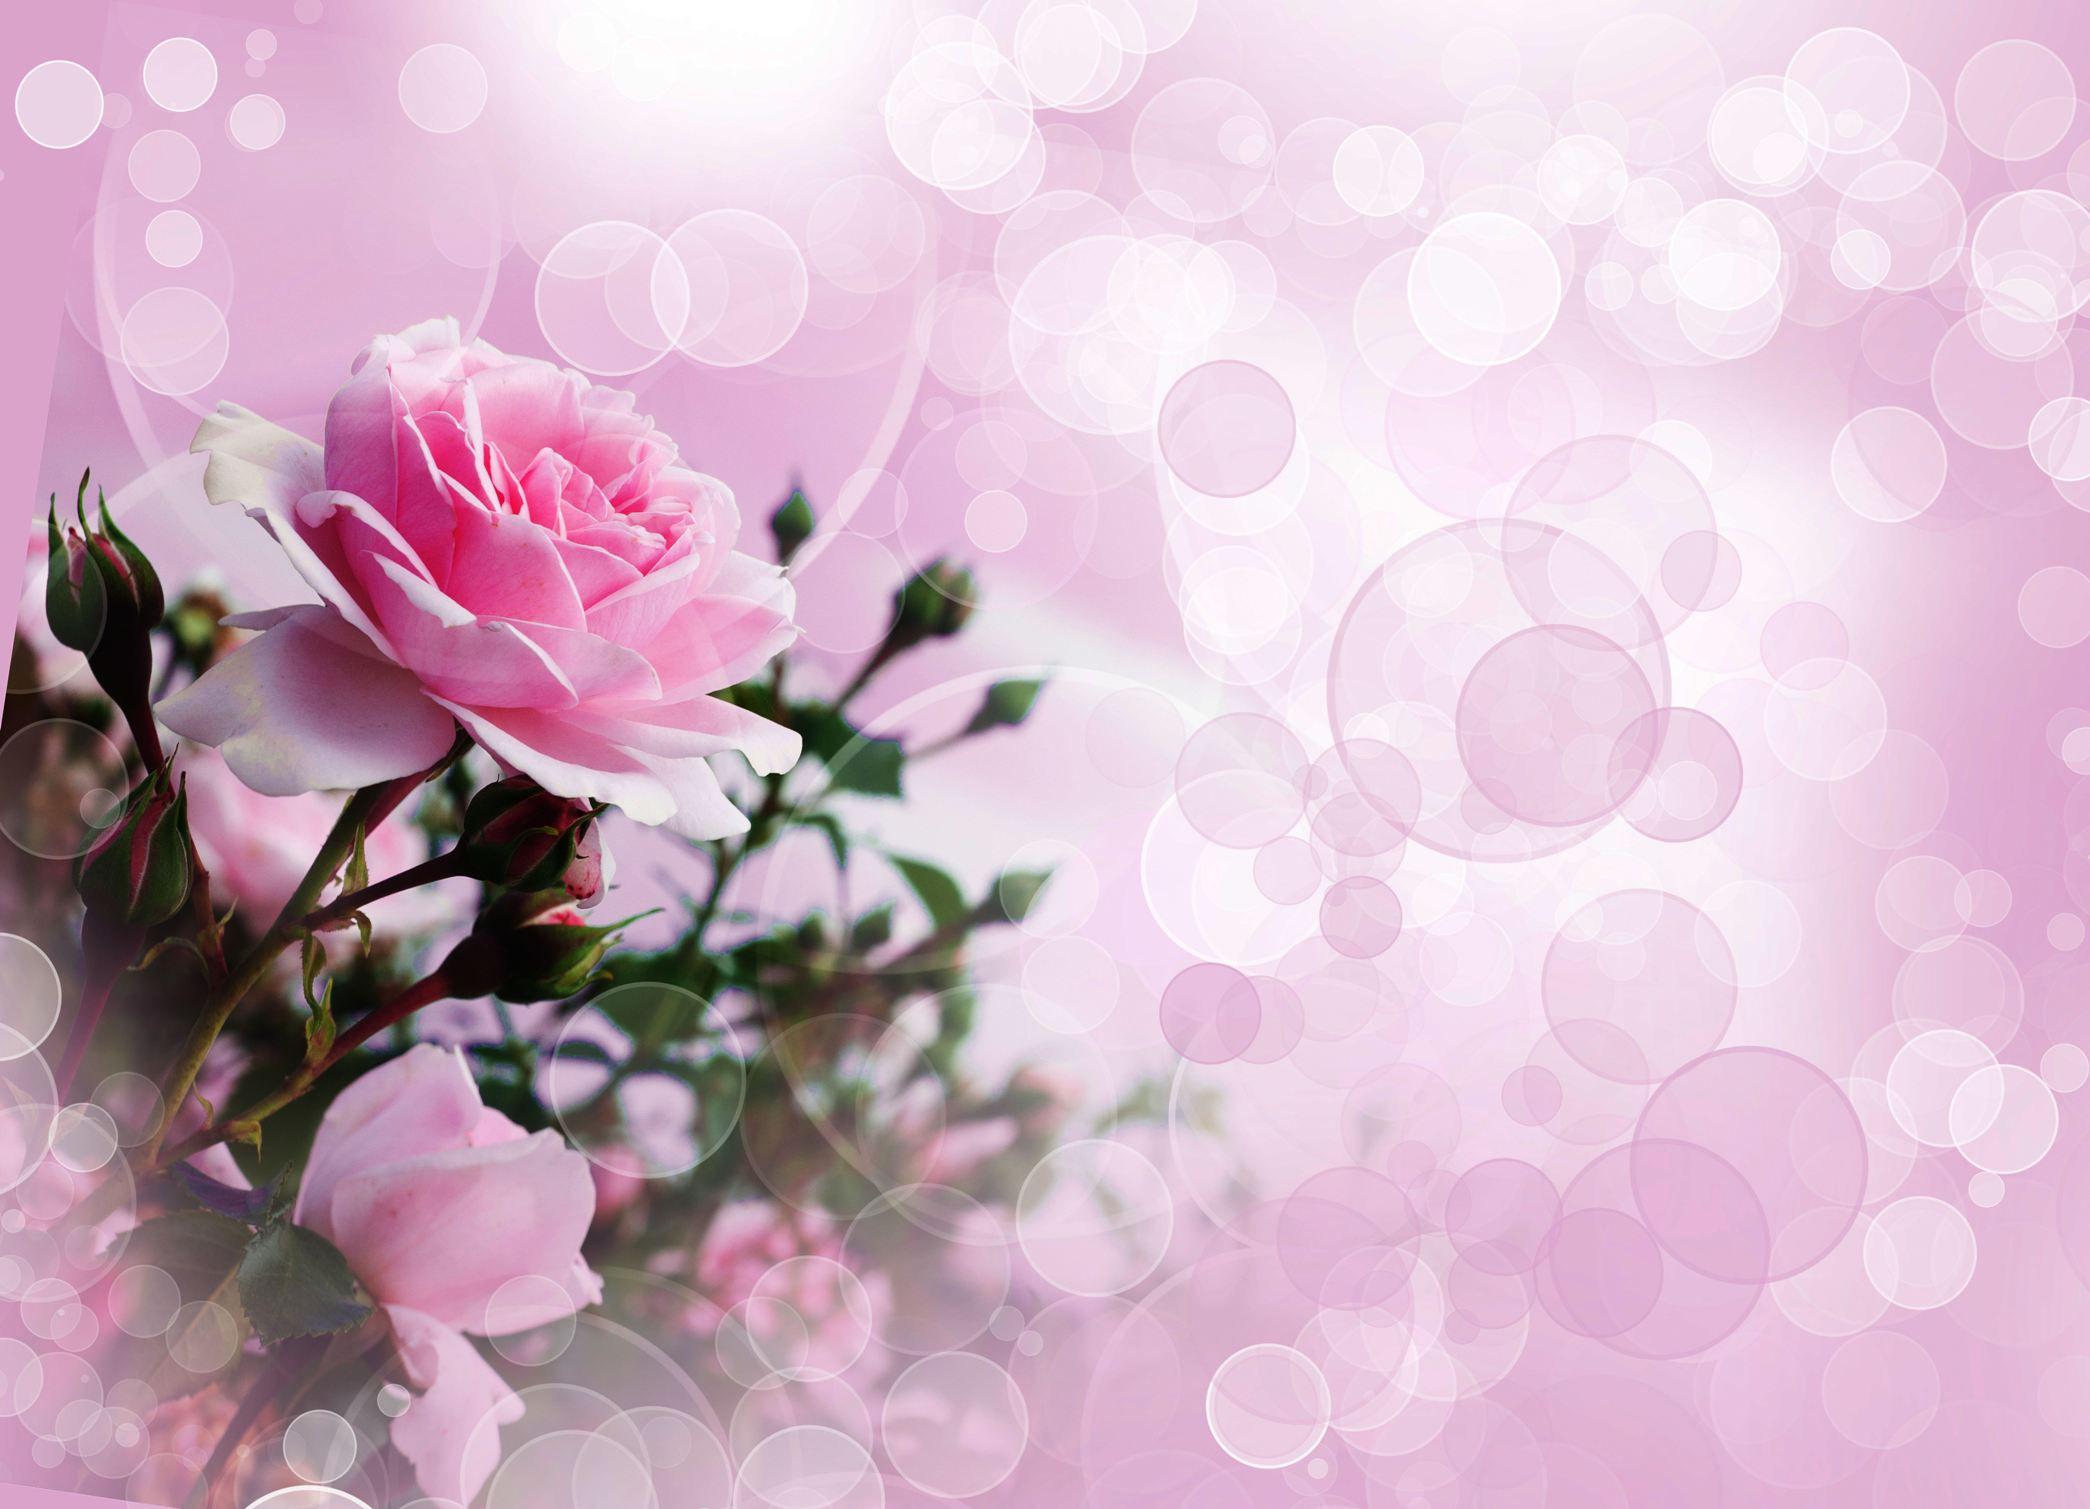 fond d'ecran gratuit roses